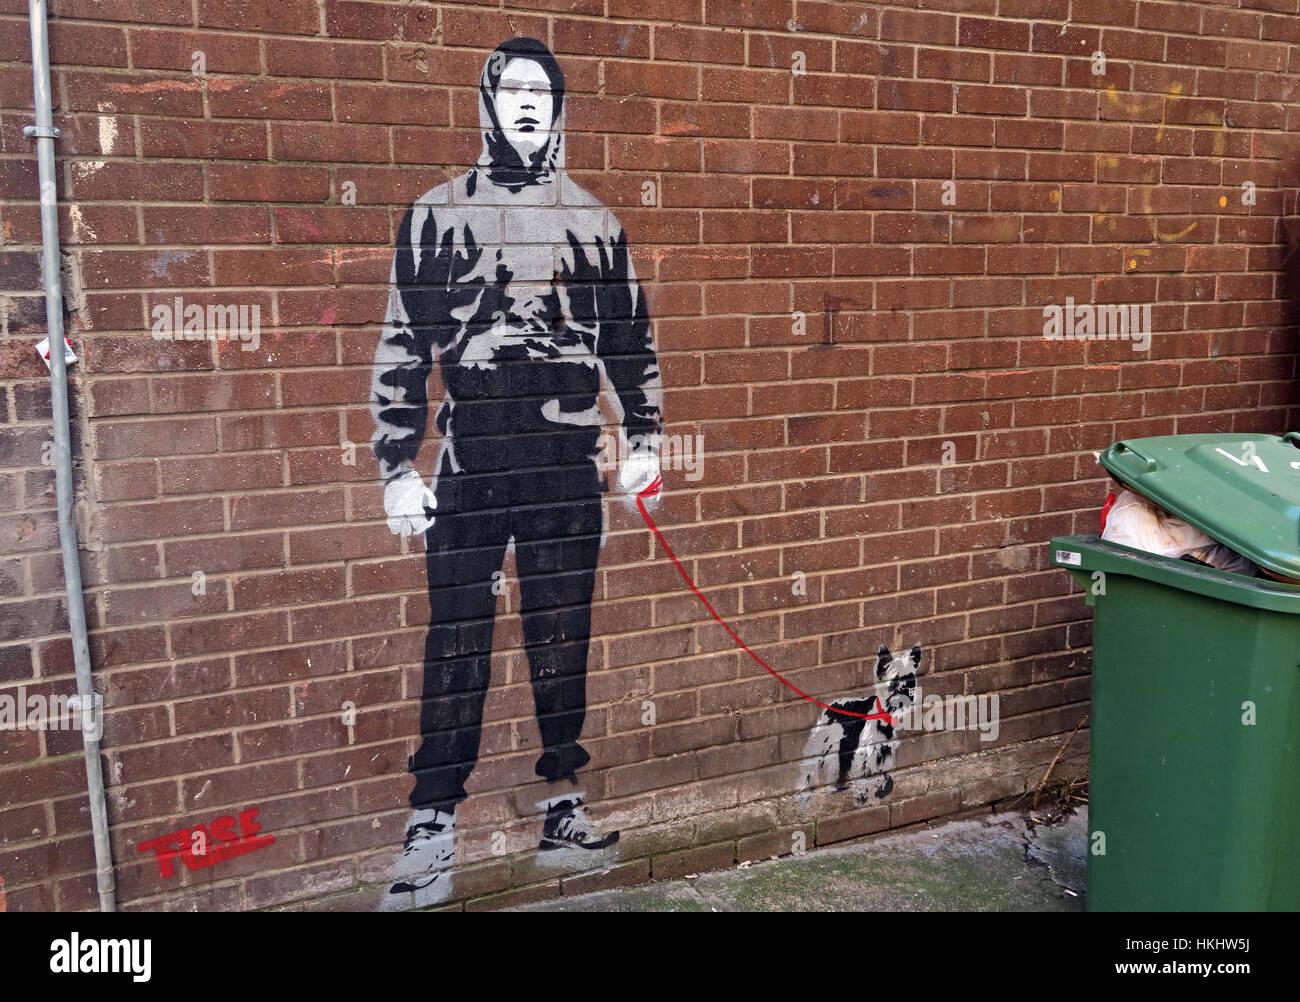 Laden Sie dieses Alamy Stockfoto Junge wandern Hund Schablone, Glasgow Queen St, Schottland - HKHW5J